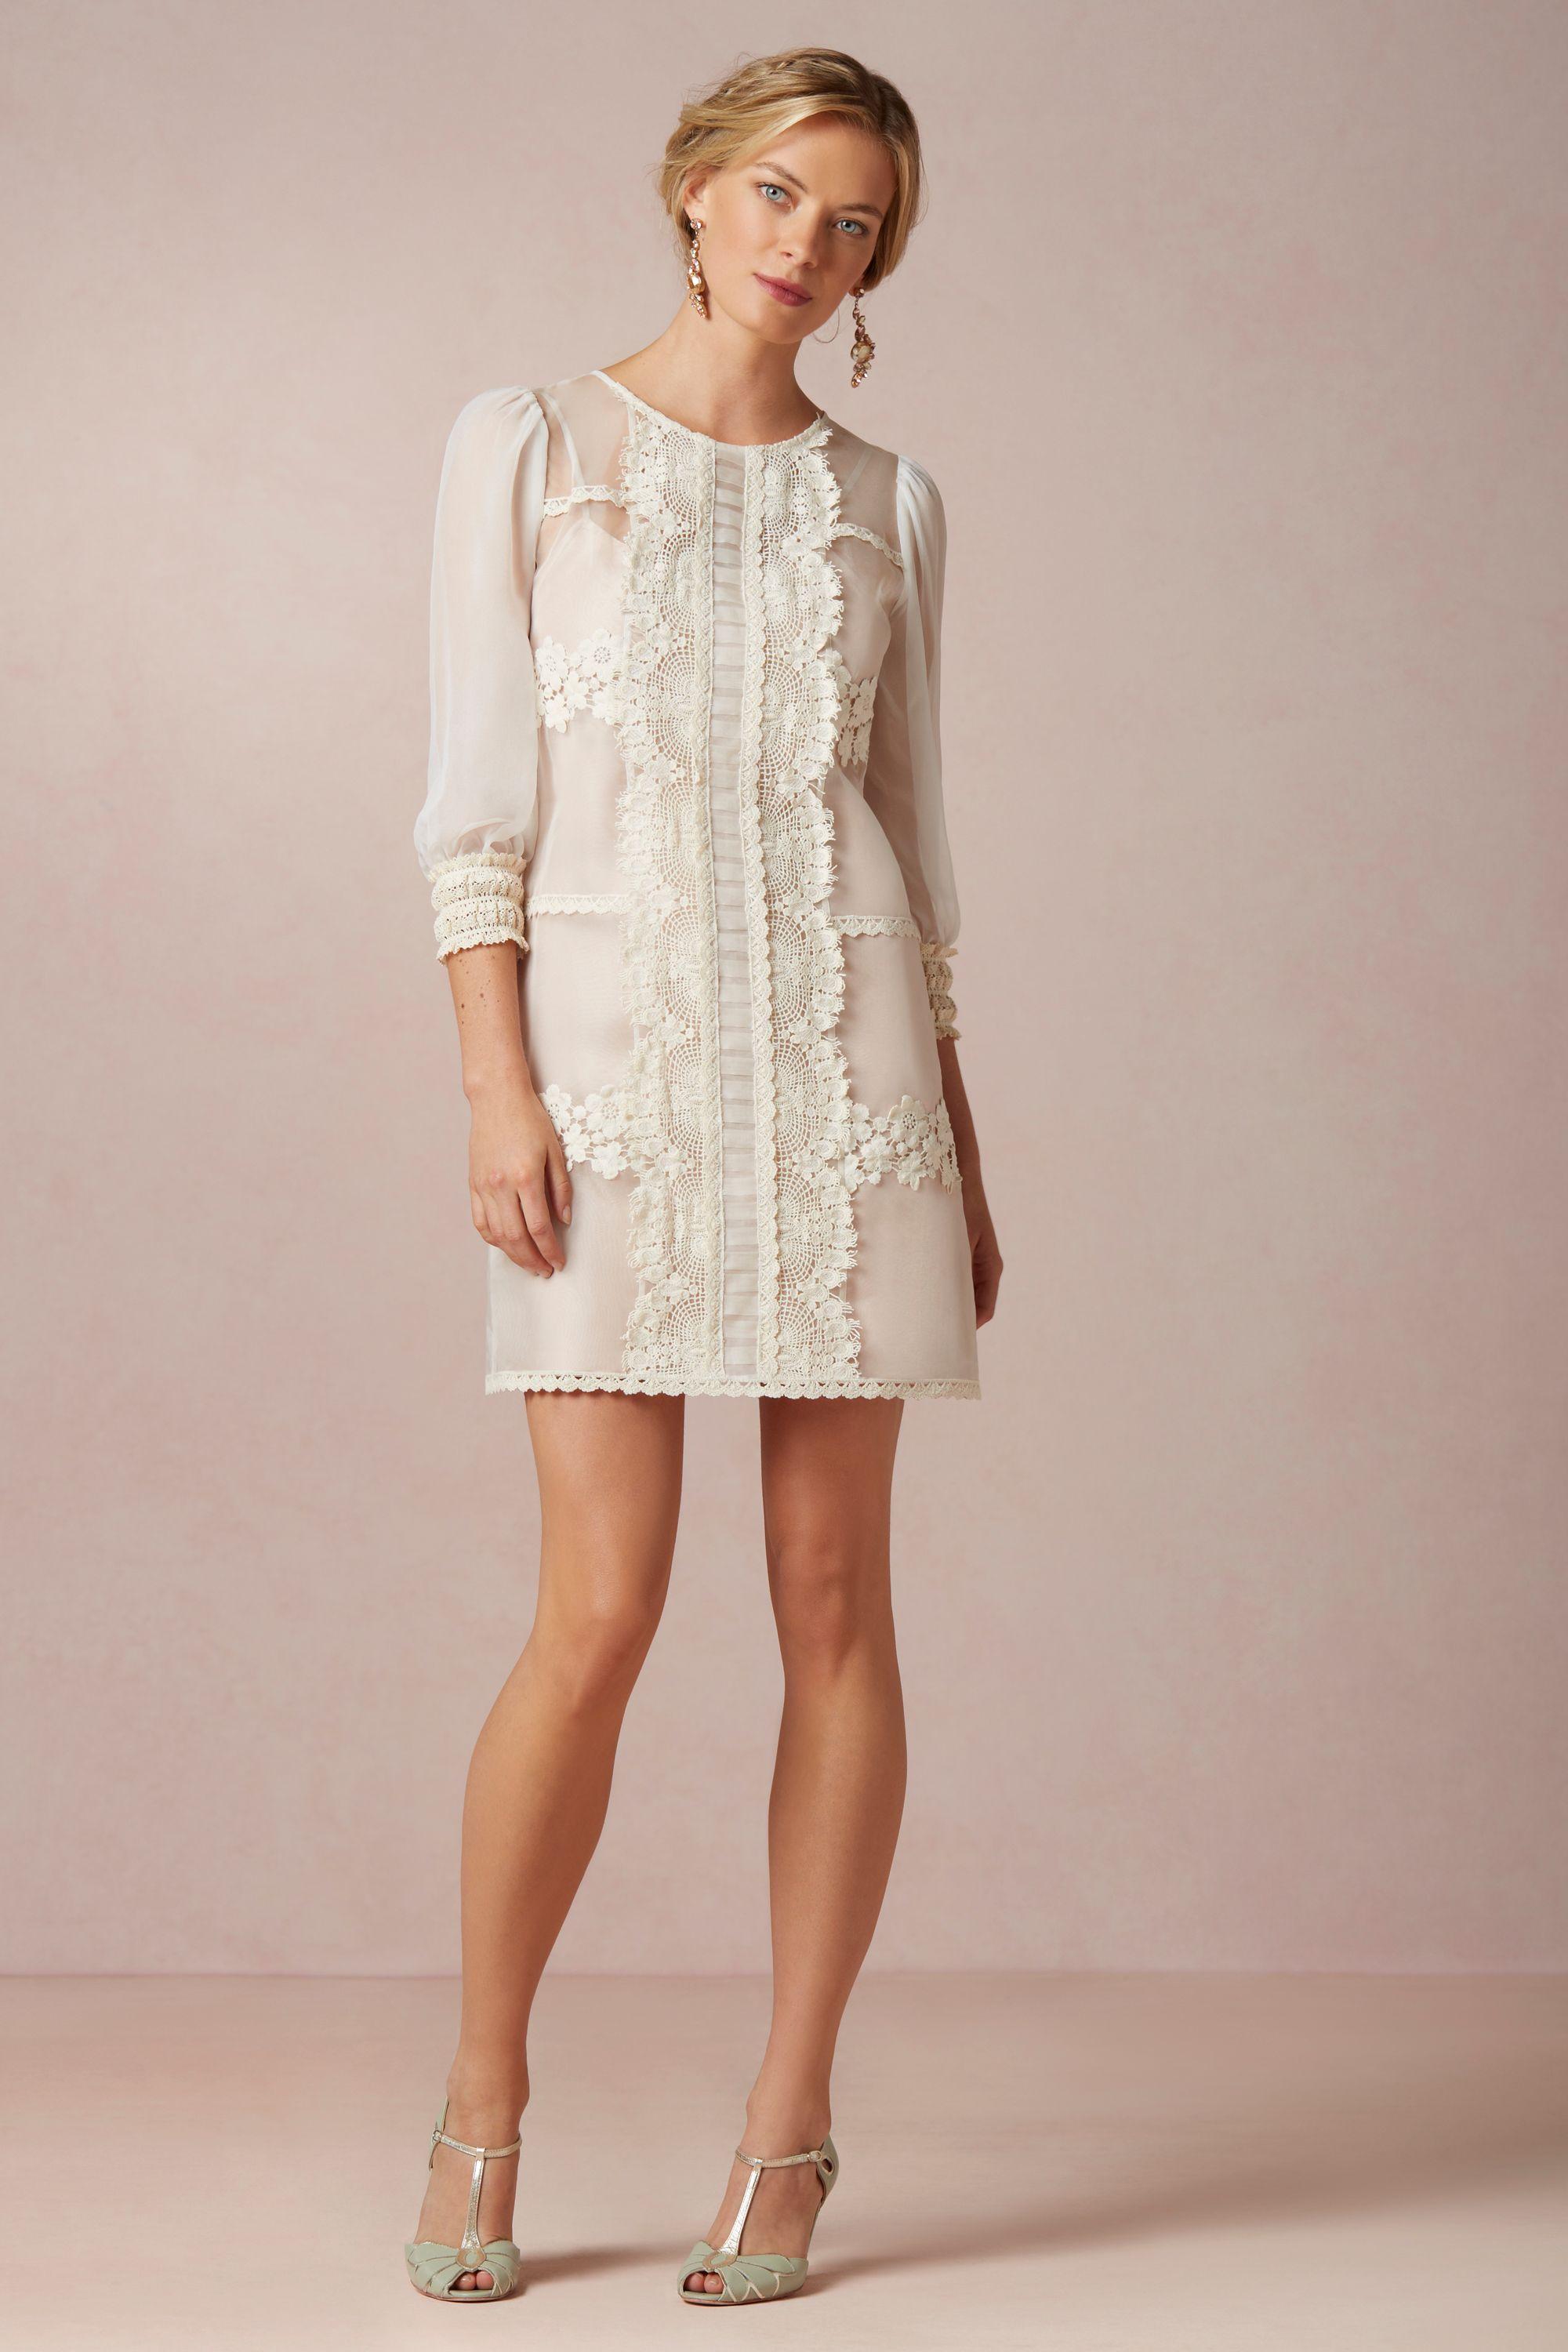 vesper dress courthouse wedding dresses ivory Vesper Dress BHLDN